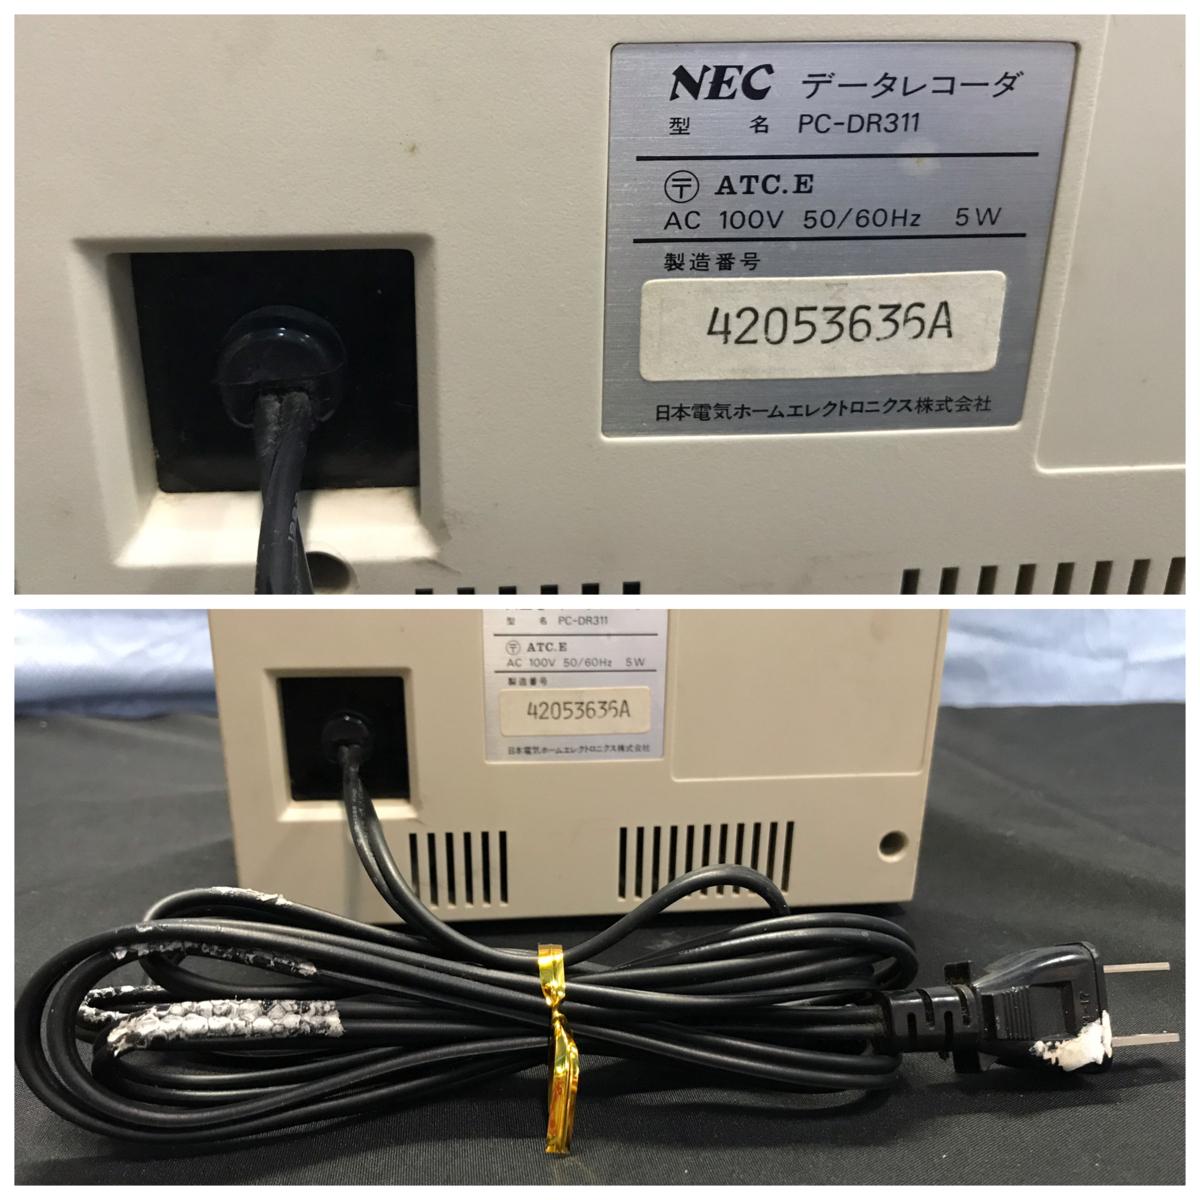 21A081 送料無料 NEC PC-DR311 データレコーダー DATA RECORDER 通電確認済 ジャンク扱い_画像9